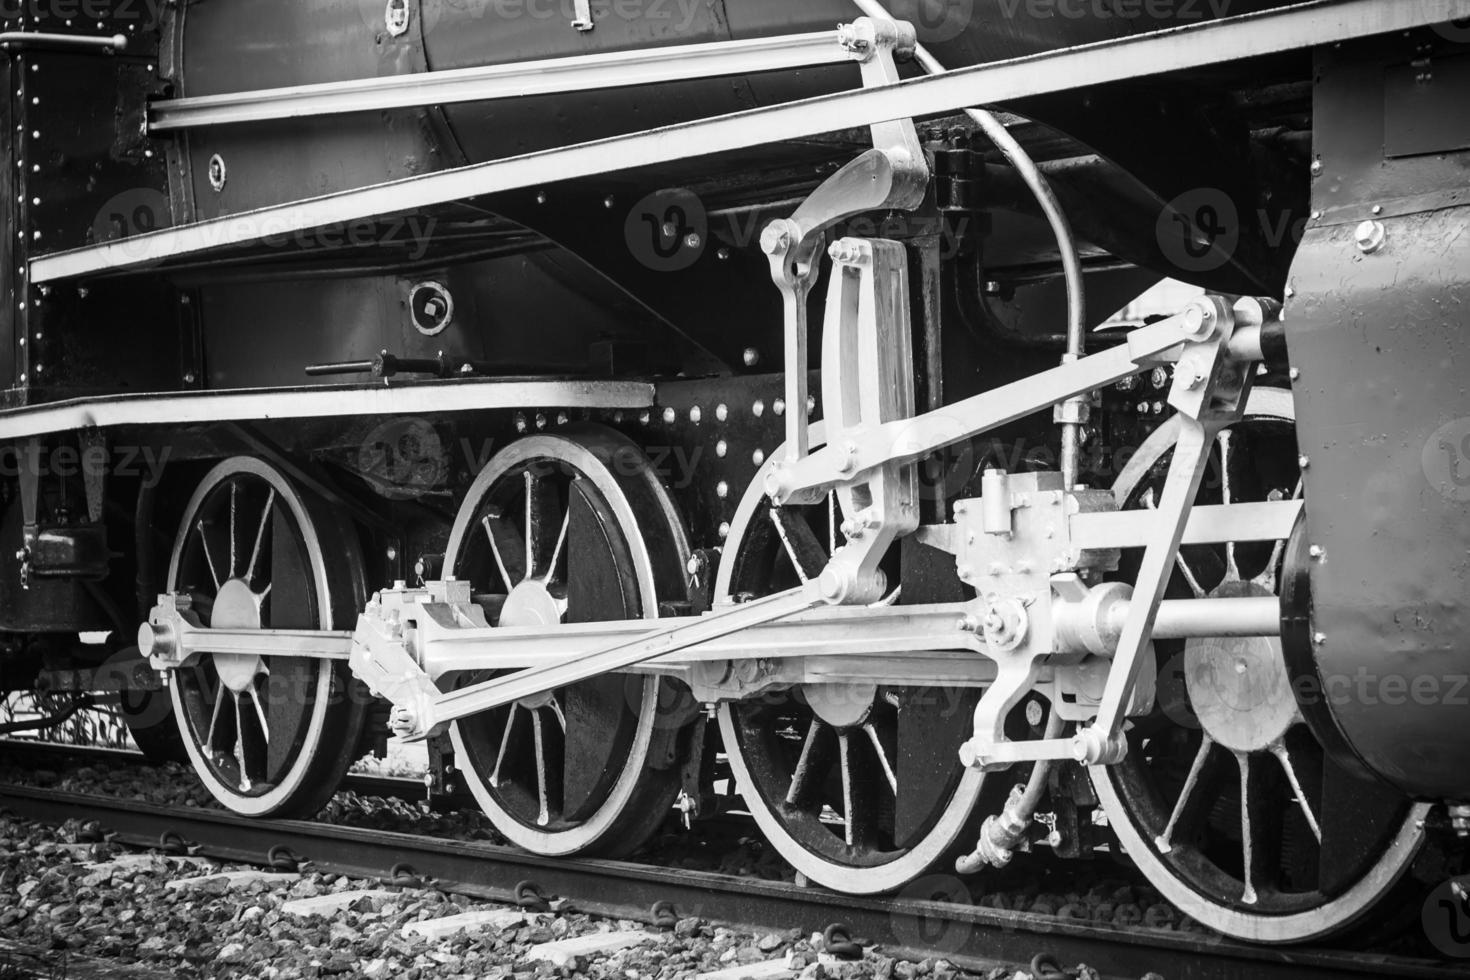 vieux train vintage, roue de train photo